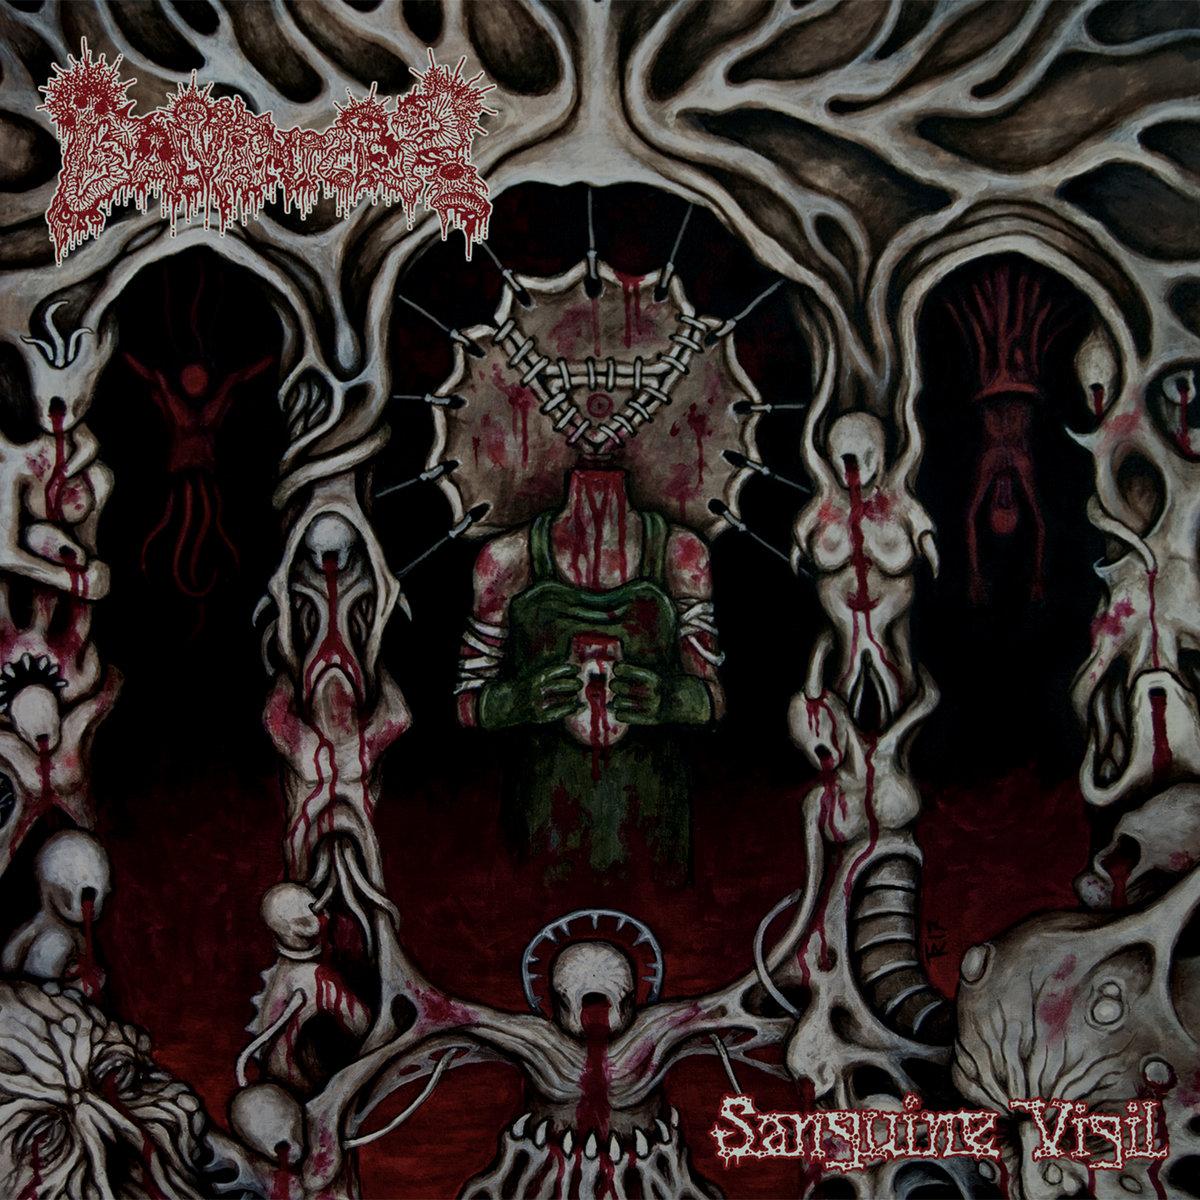 GALVANIZER - Sanguine Vigil (album, 2018)